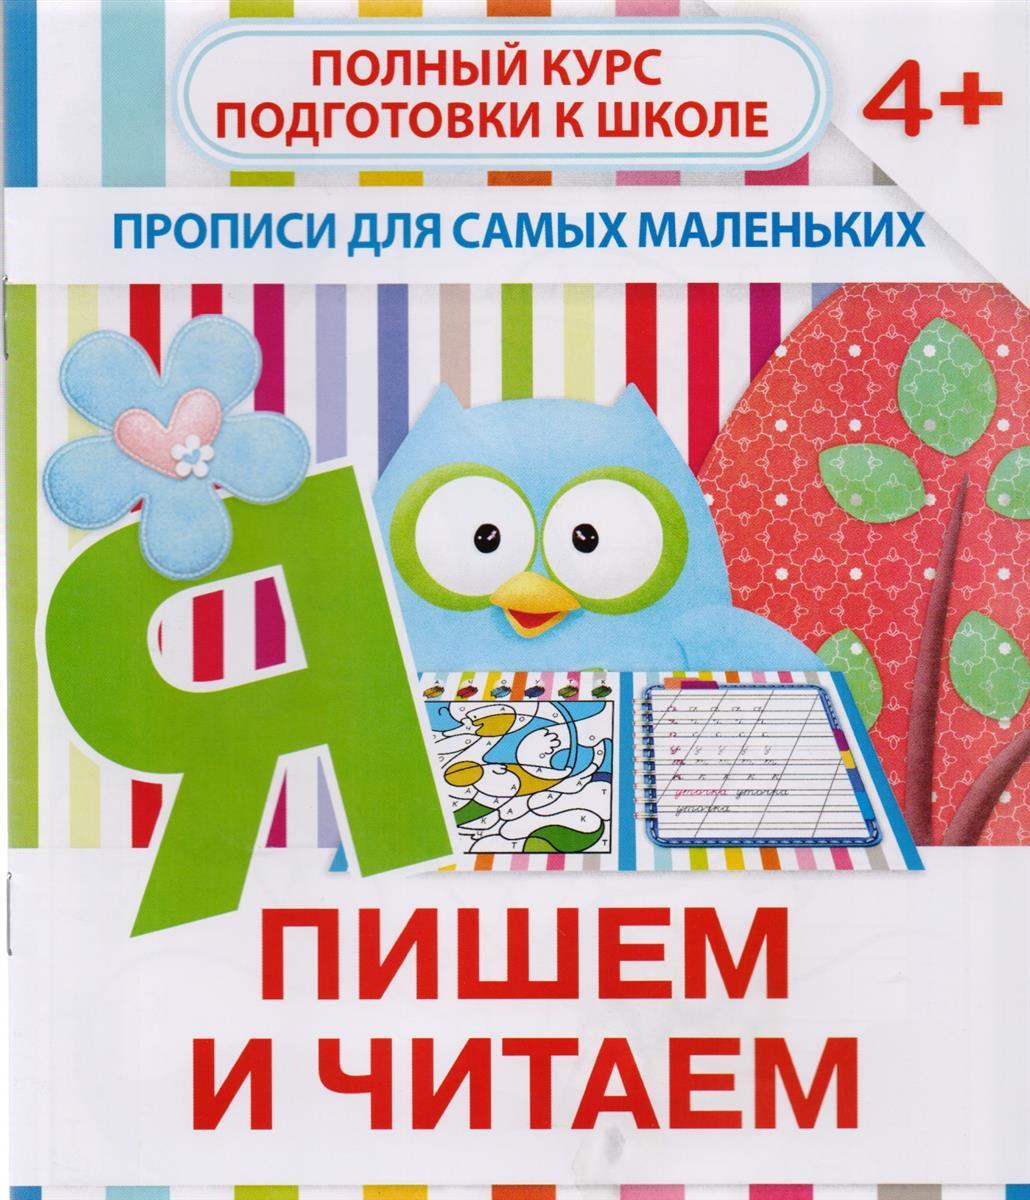 Ивлева В. Пишем и читаем. Полный курс подготовки к школе